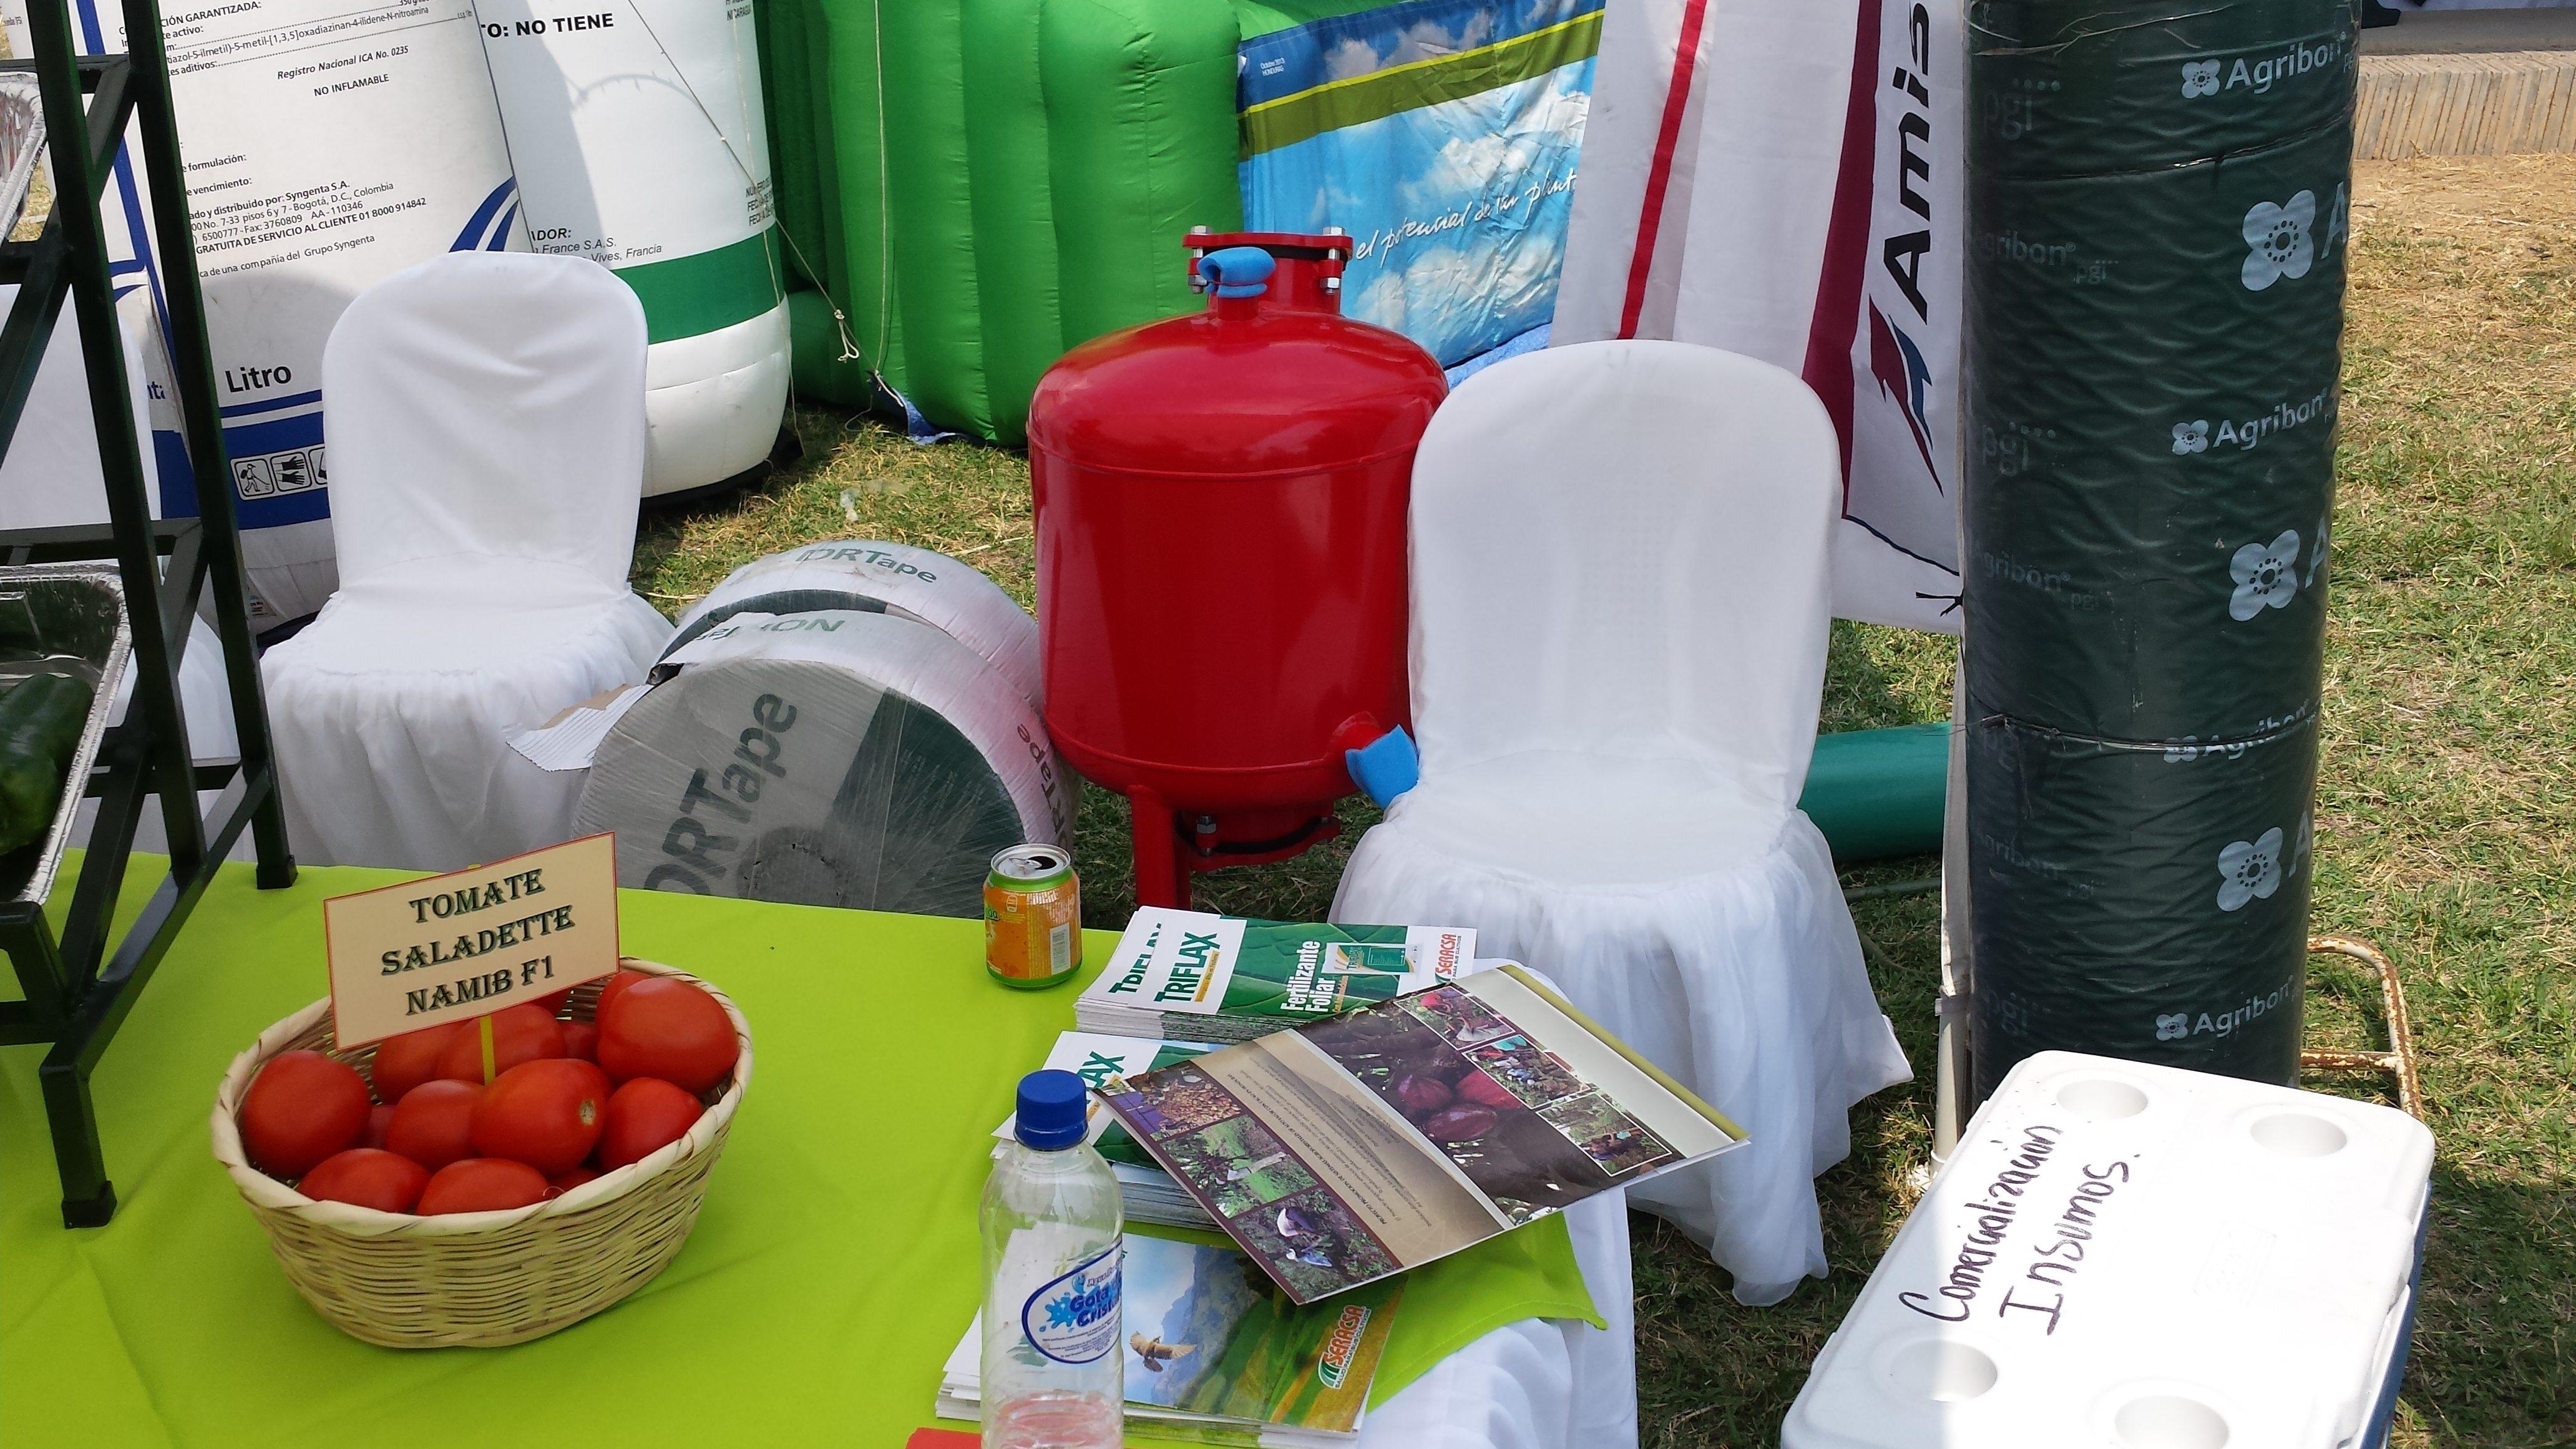 Feria Internacional Agrícola Comayagua- Materiales de GCM en la feria. Nortape y filtro de arena.